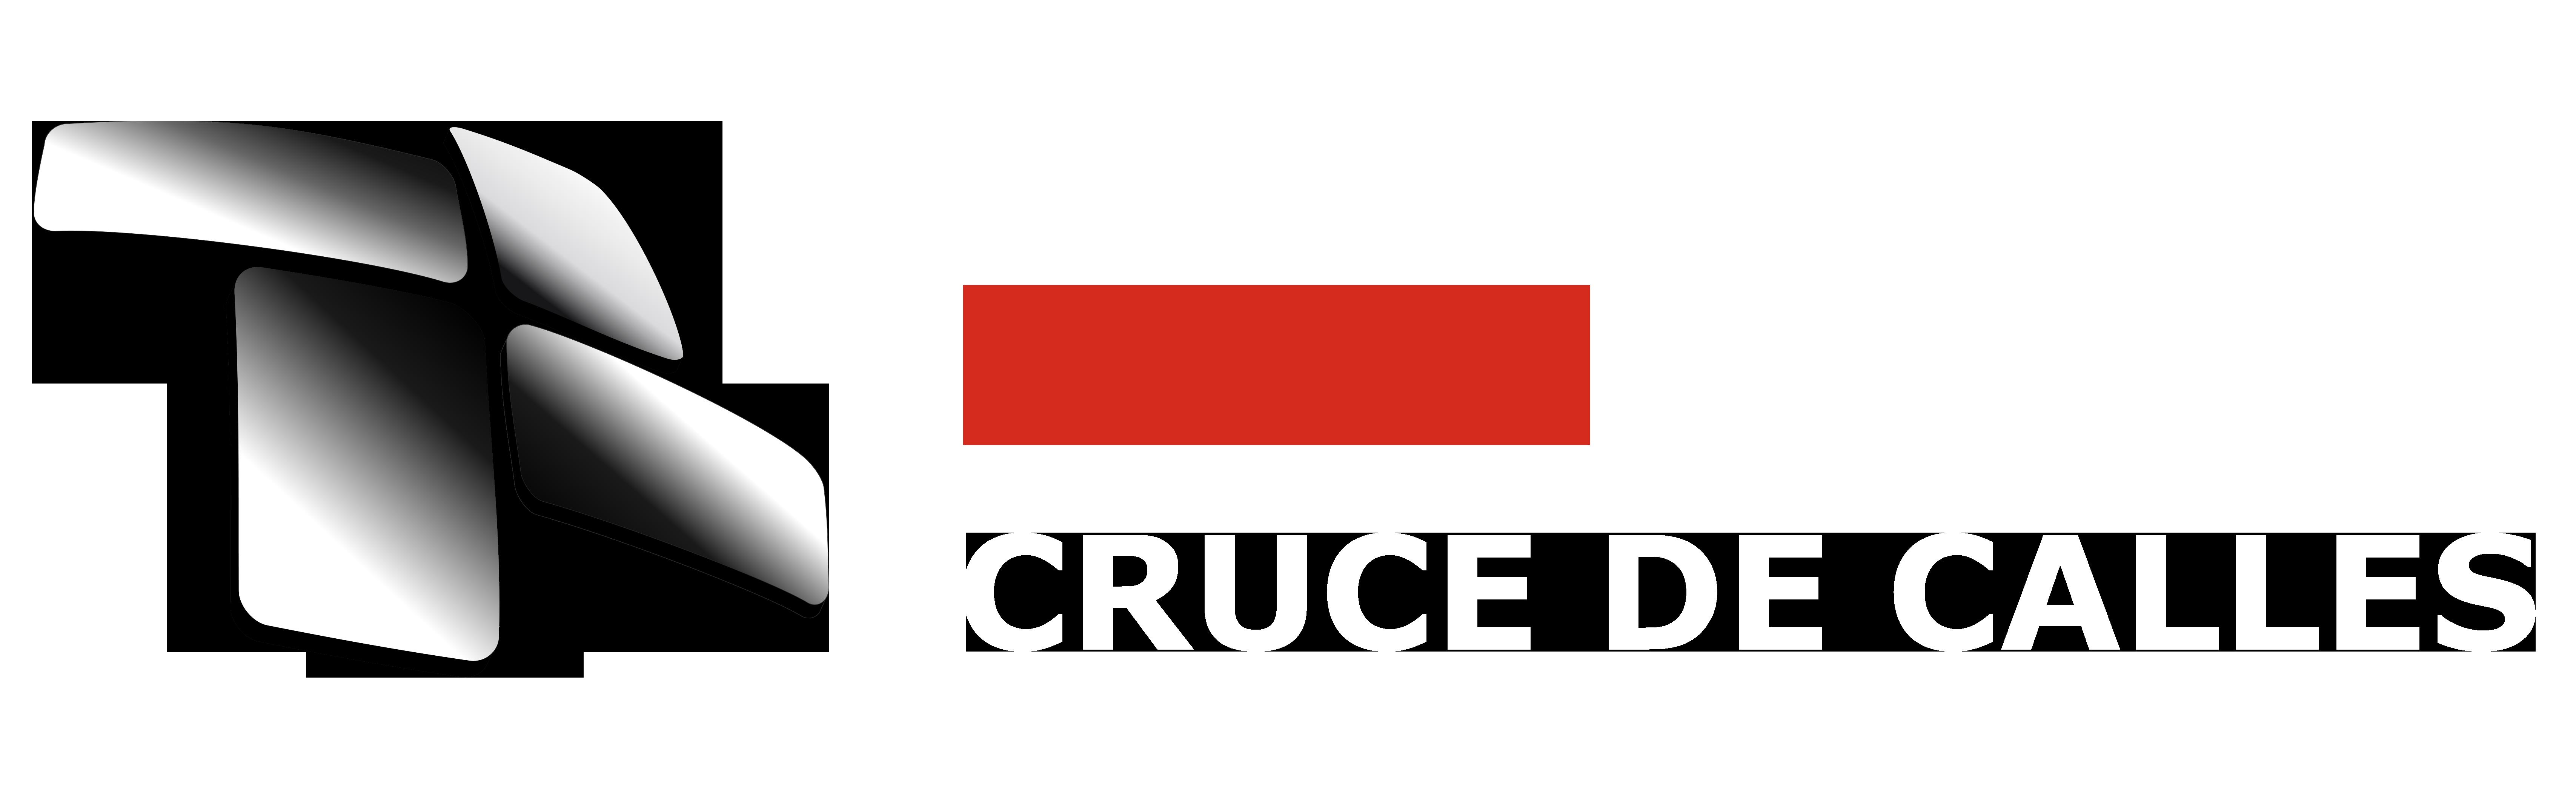 Gasolinera CEPSA Cruce de Calles - ESTACIÓN DE SERVICIO CEPSA